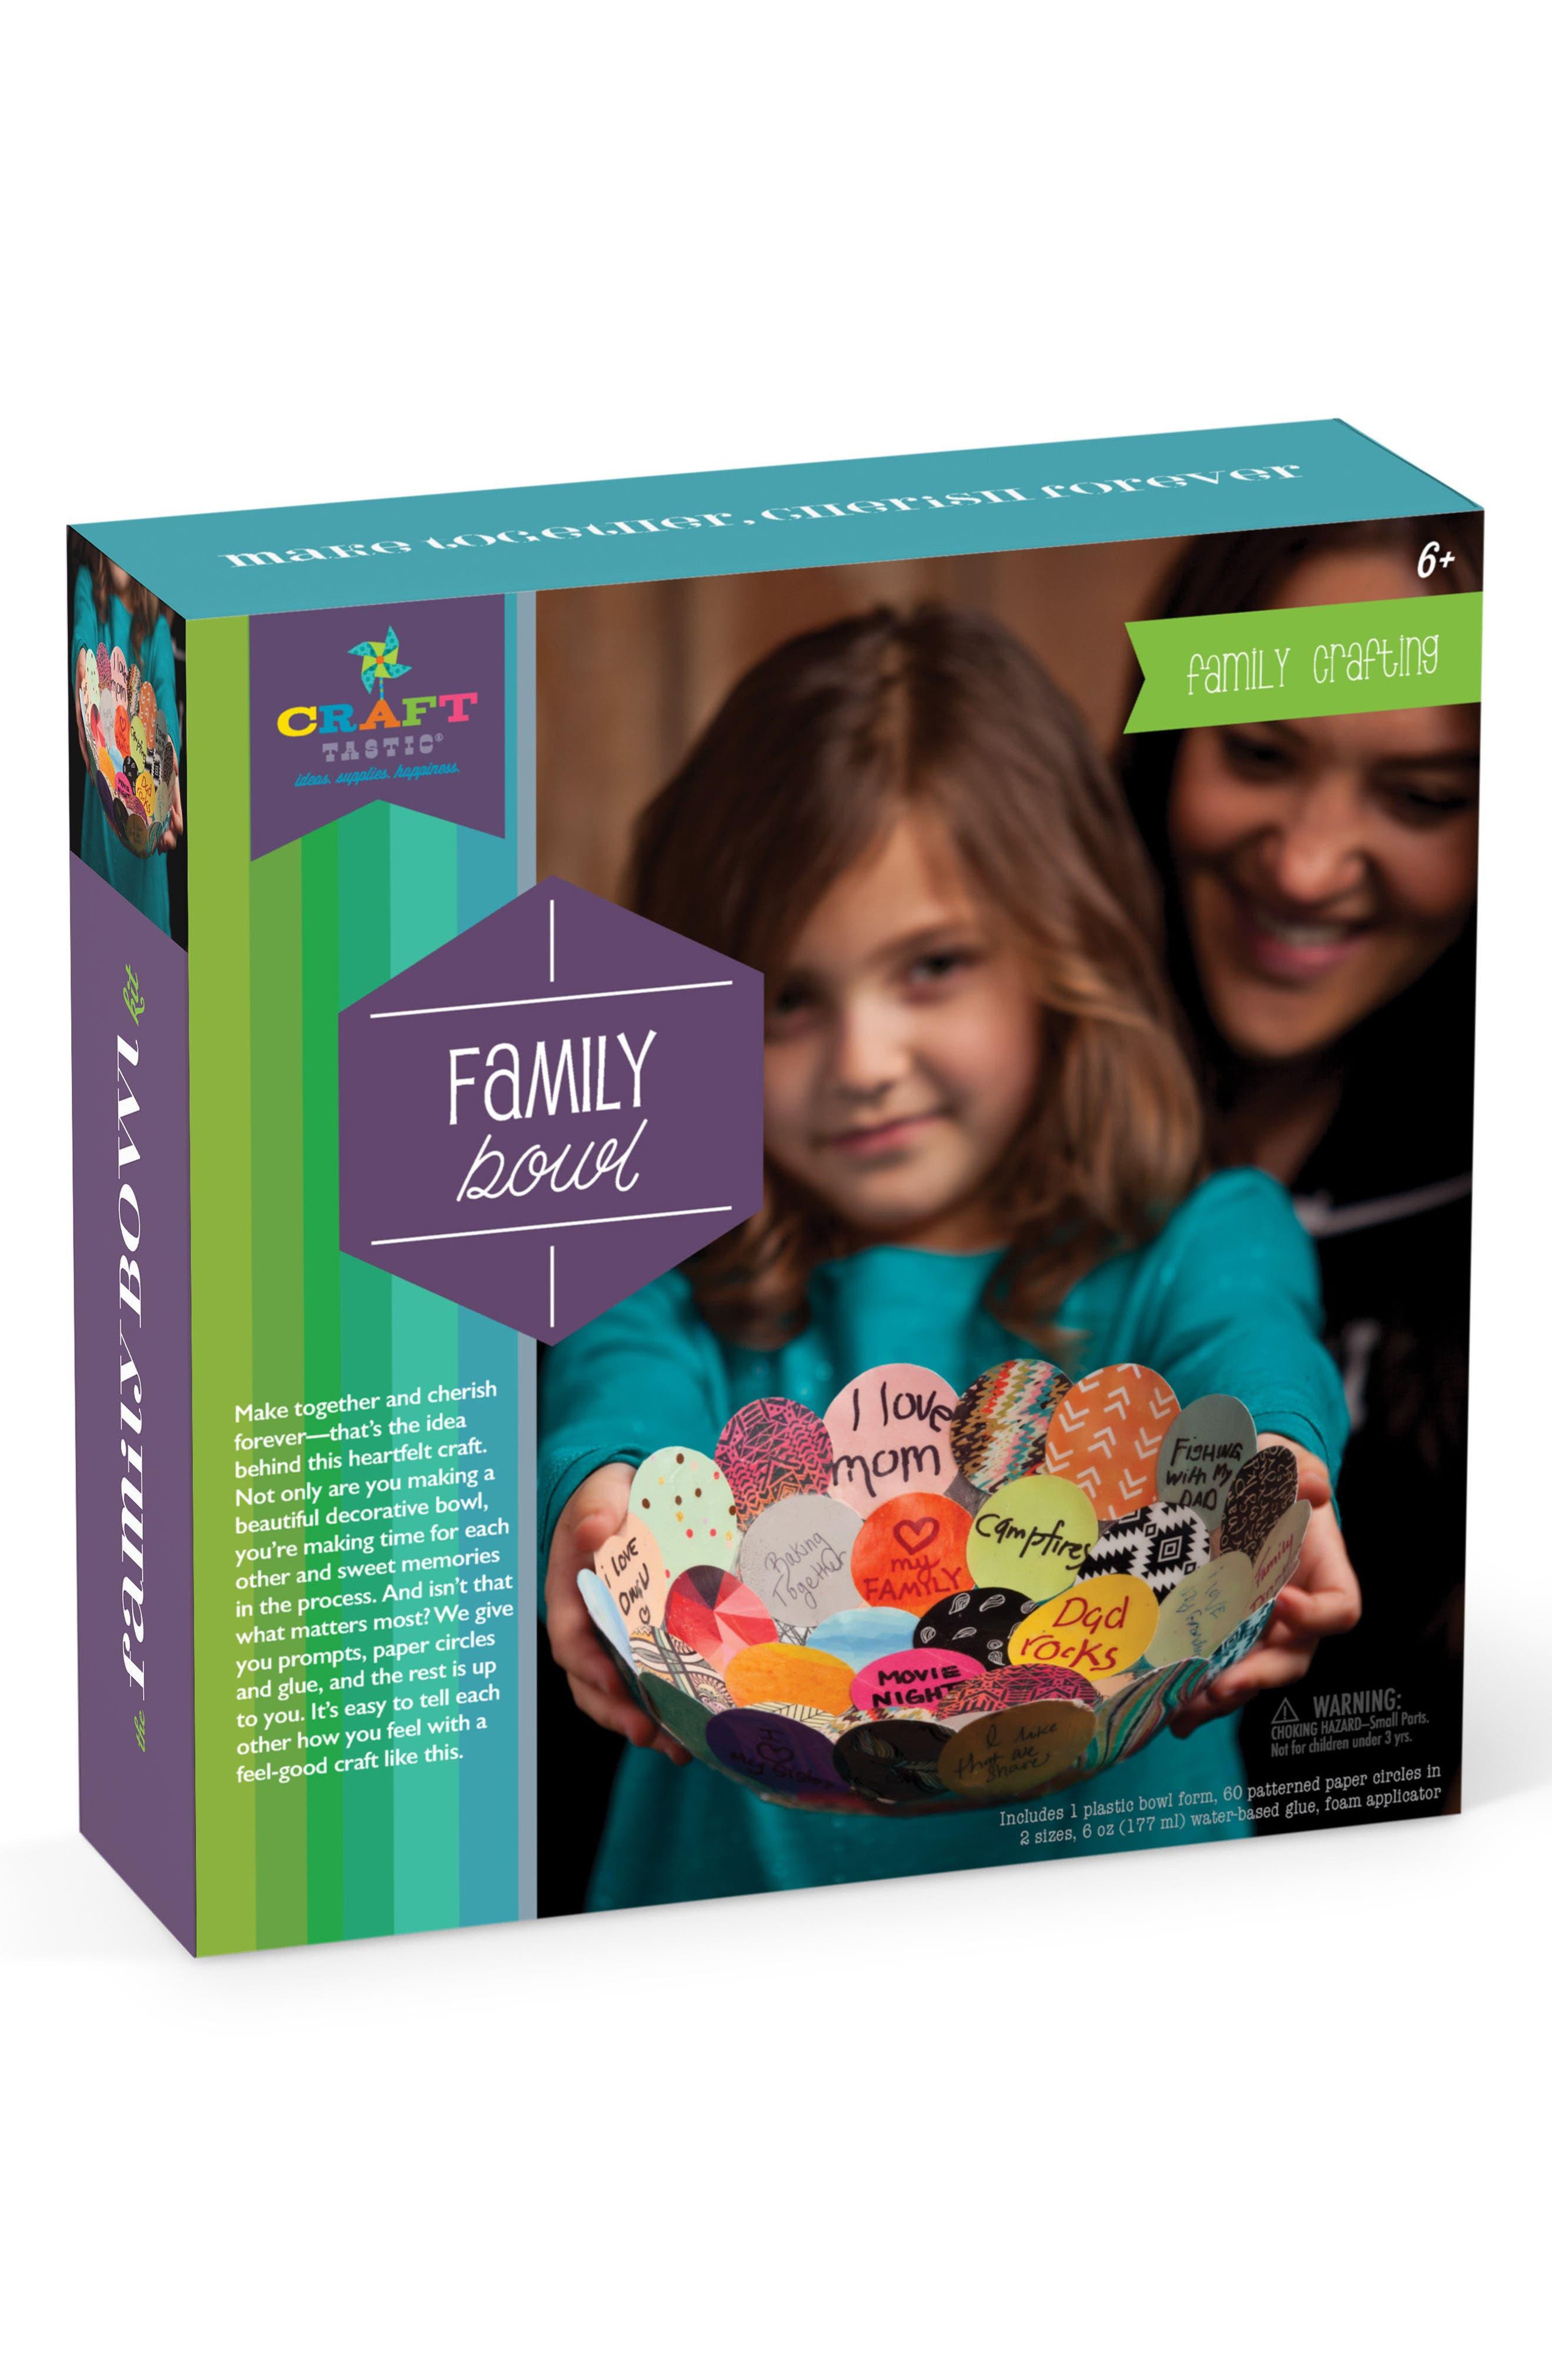 Alternate Image 1 Selected - CRAFT-TASTIC Make Together Family Bowl Kit